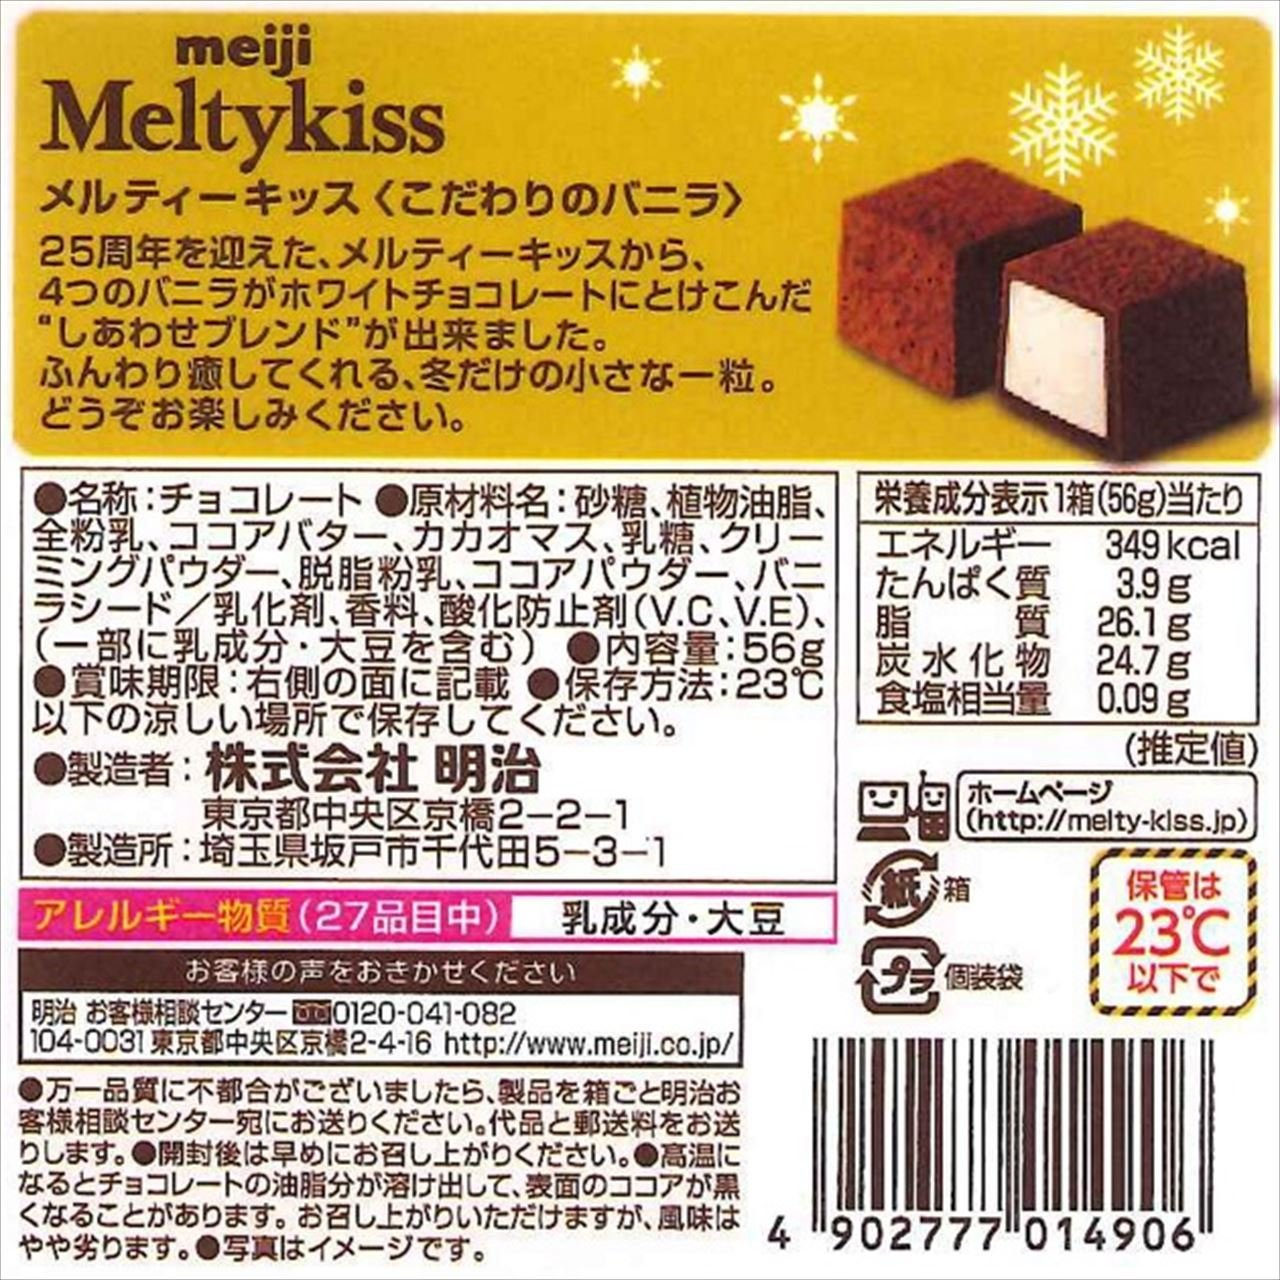 『メルティーキッスこだわりのバニラ』のパッケージ裏面の画像